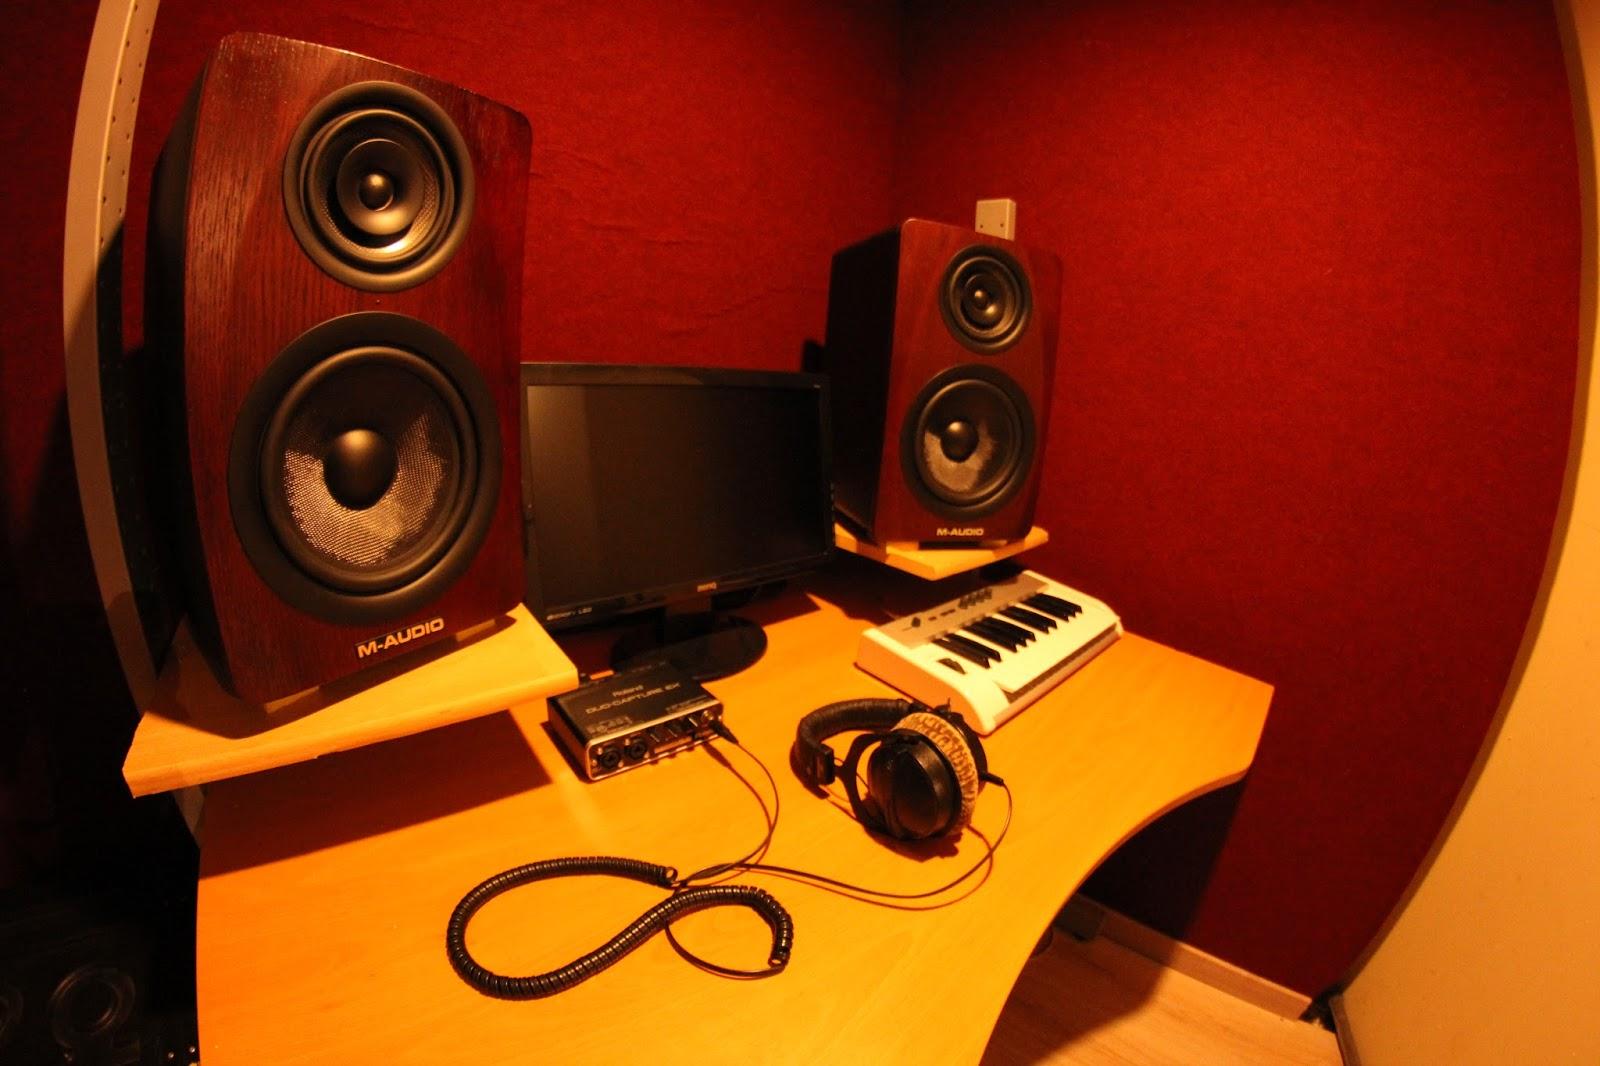 Enseignement et formation d'ingénieur du son et MAO au studio d'enregistrement Medusa Prod dans les Bouches-du-Rhône à Marseille